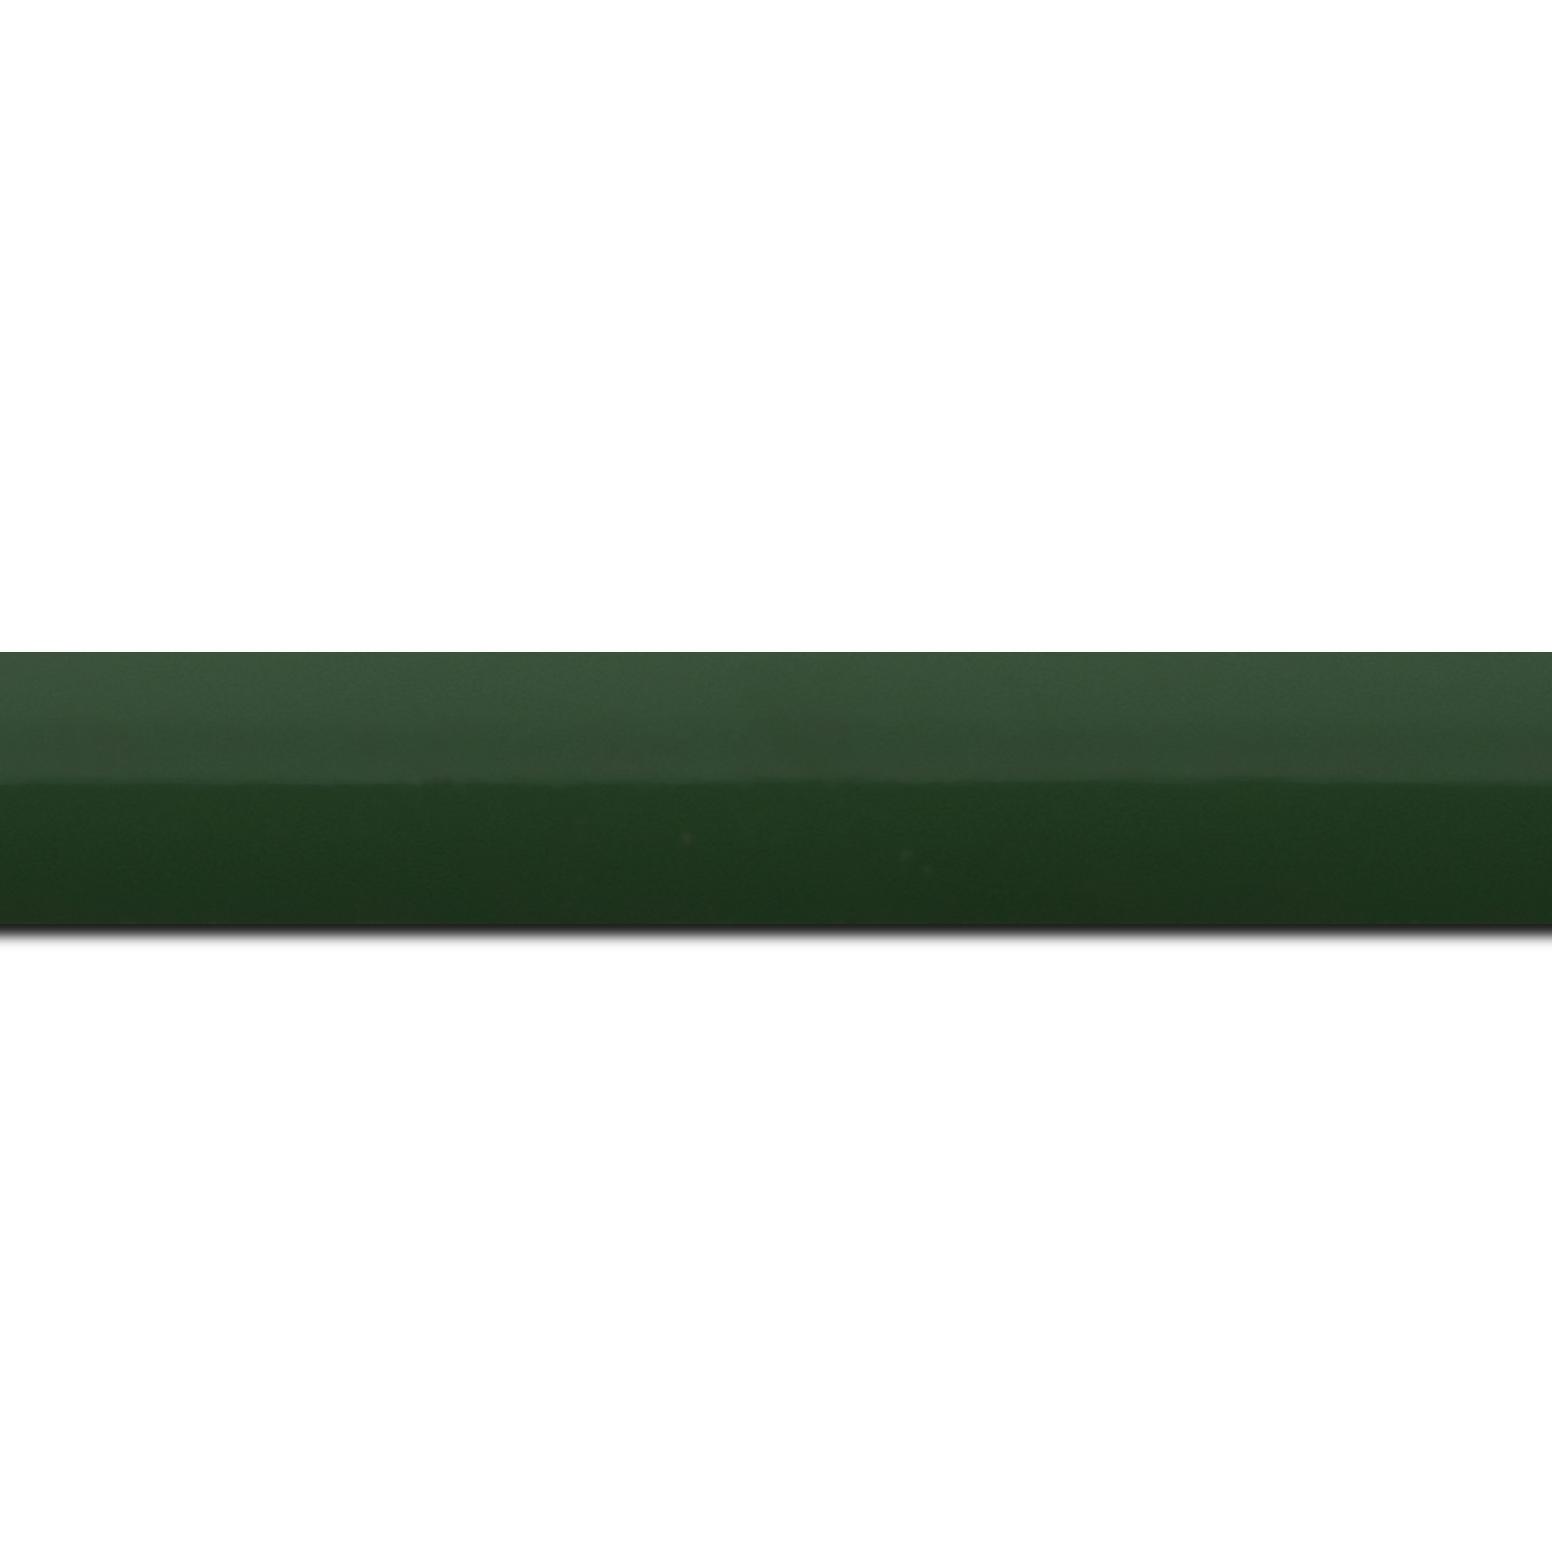 Pack par 12m, bois profil méplat largeur 2.3cm couleur vert anglais laqué (longueur baguette pouvant varier entre 2.40m et 3m selon arrivage des bois)